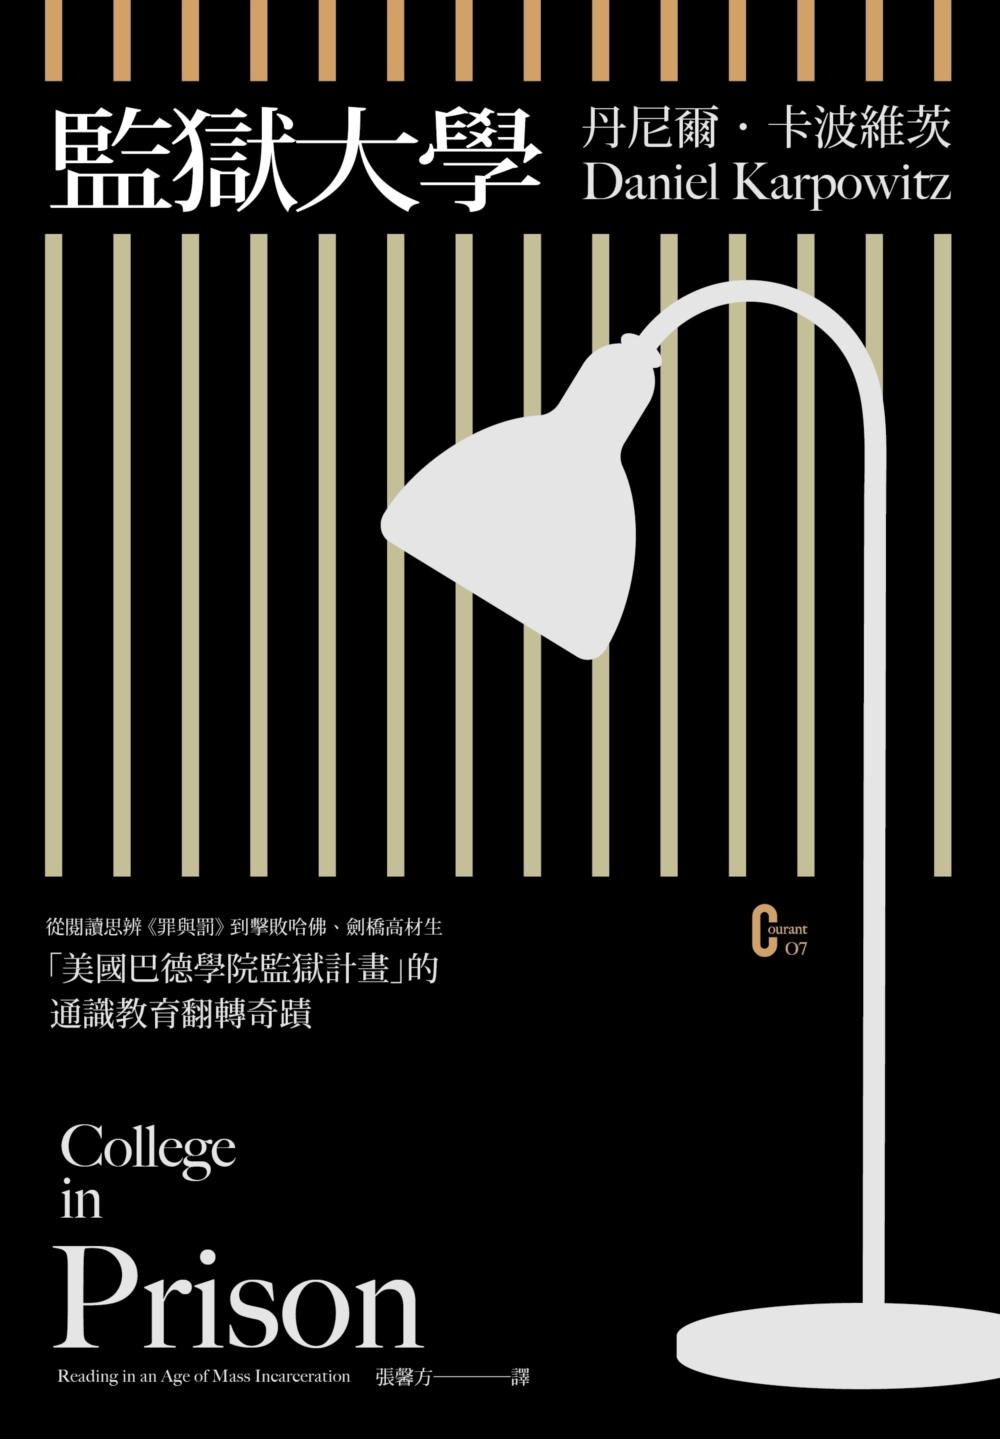 監獄大學:從閱讀思辨《罪與罰》到擊敗哈佛、劍橋高材生,「美國巴德學院監獄計畫」的通識教育翻轉奇蹟